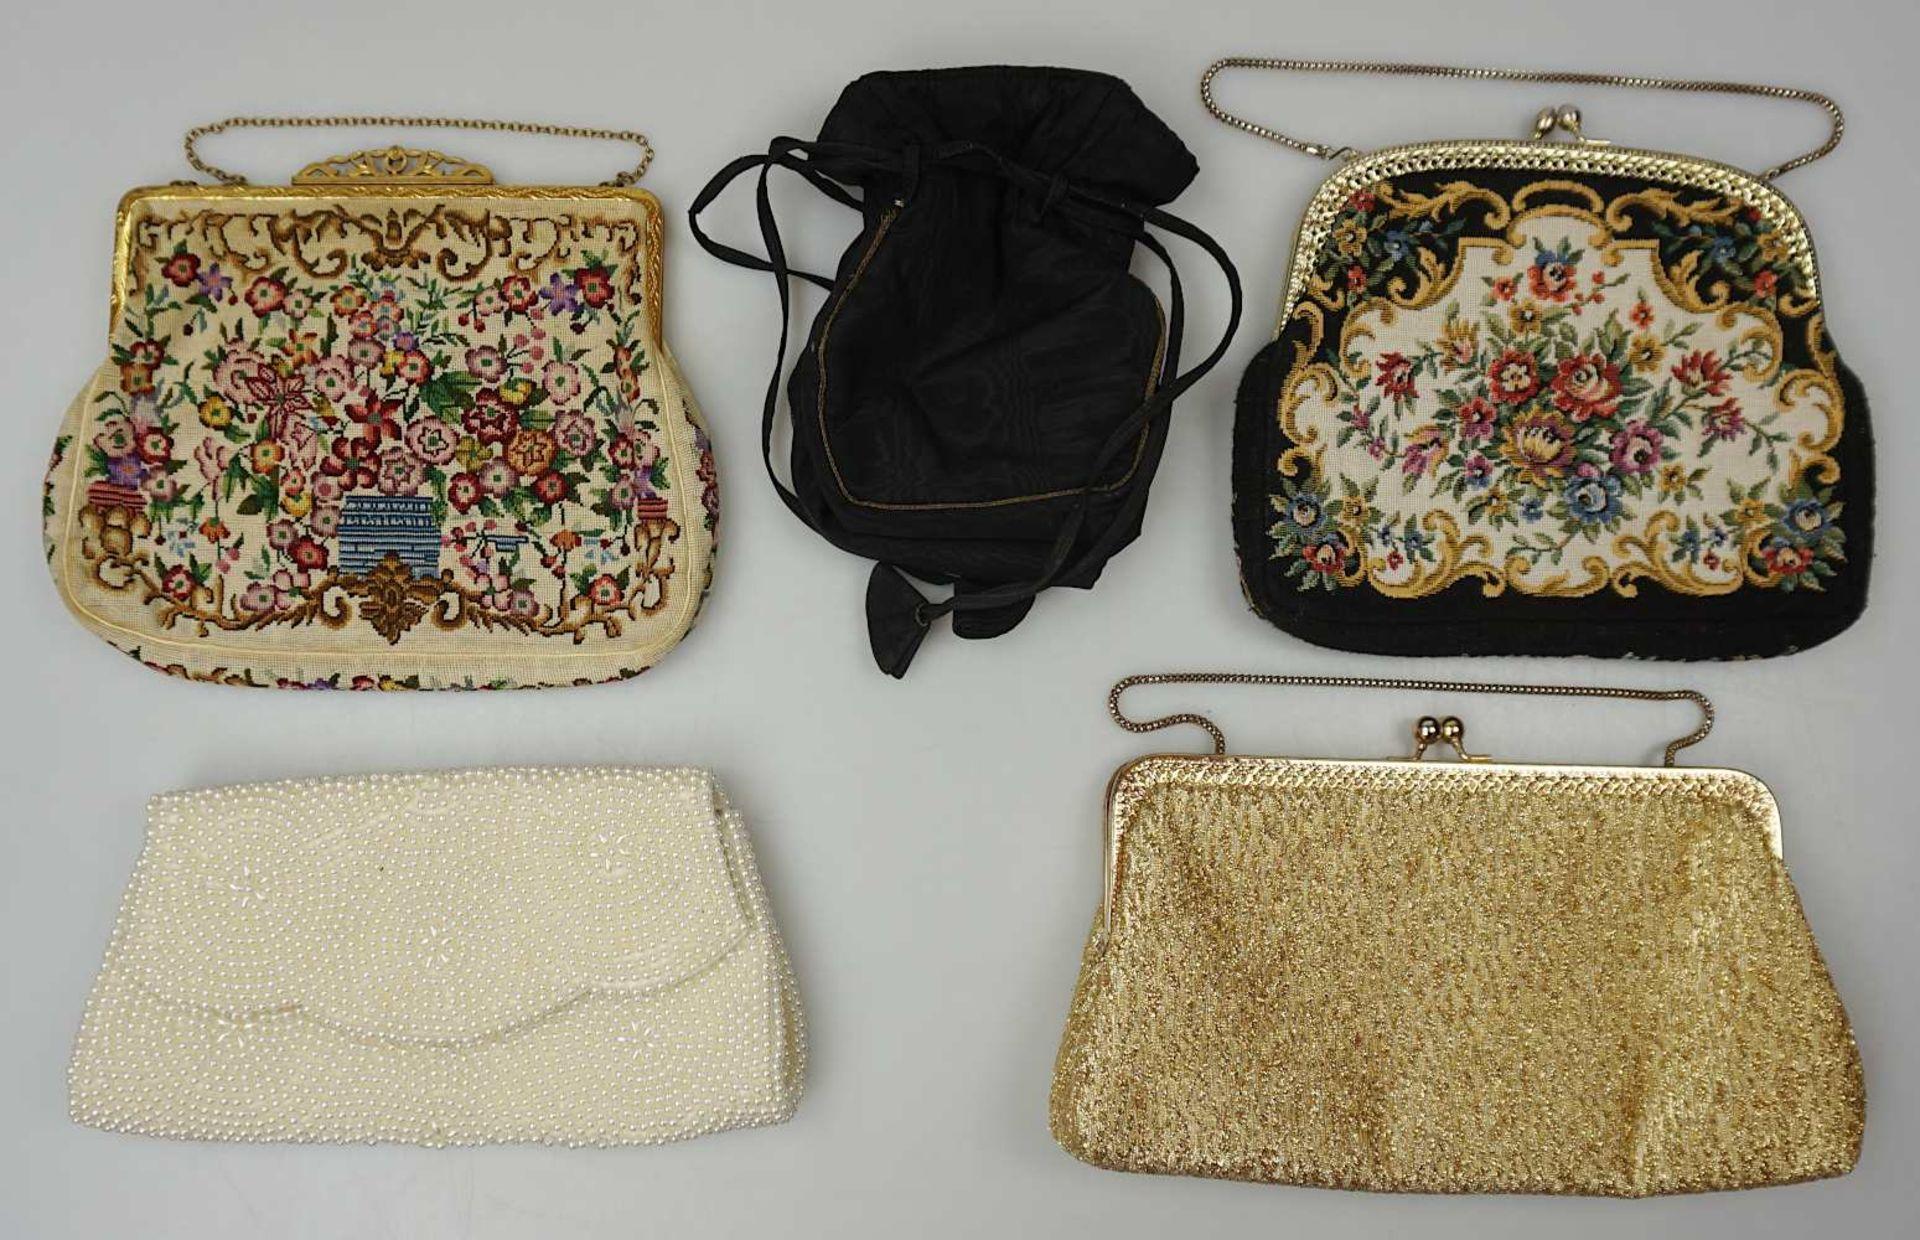 1 Konv. Hand-/Abendtaschen Straußenleder, Leder, Textil u.a. Gsp. - Bild 5 aus 5